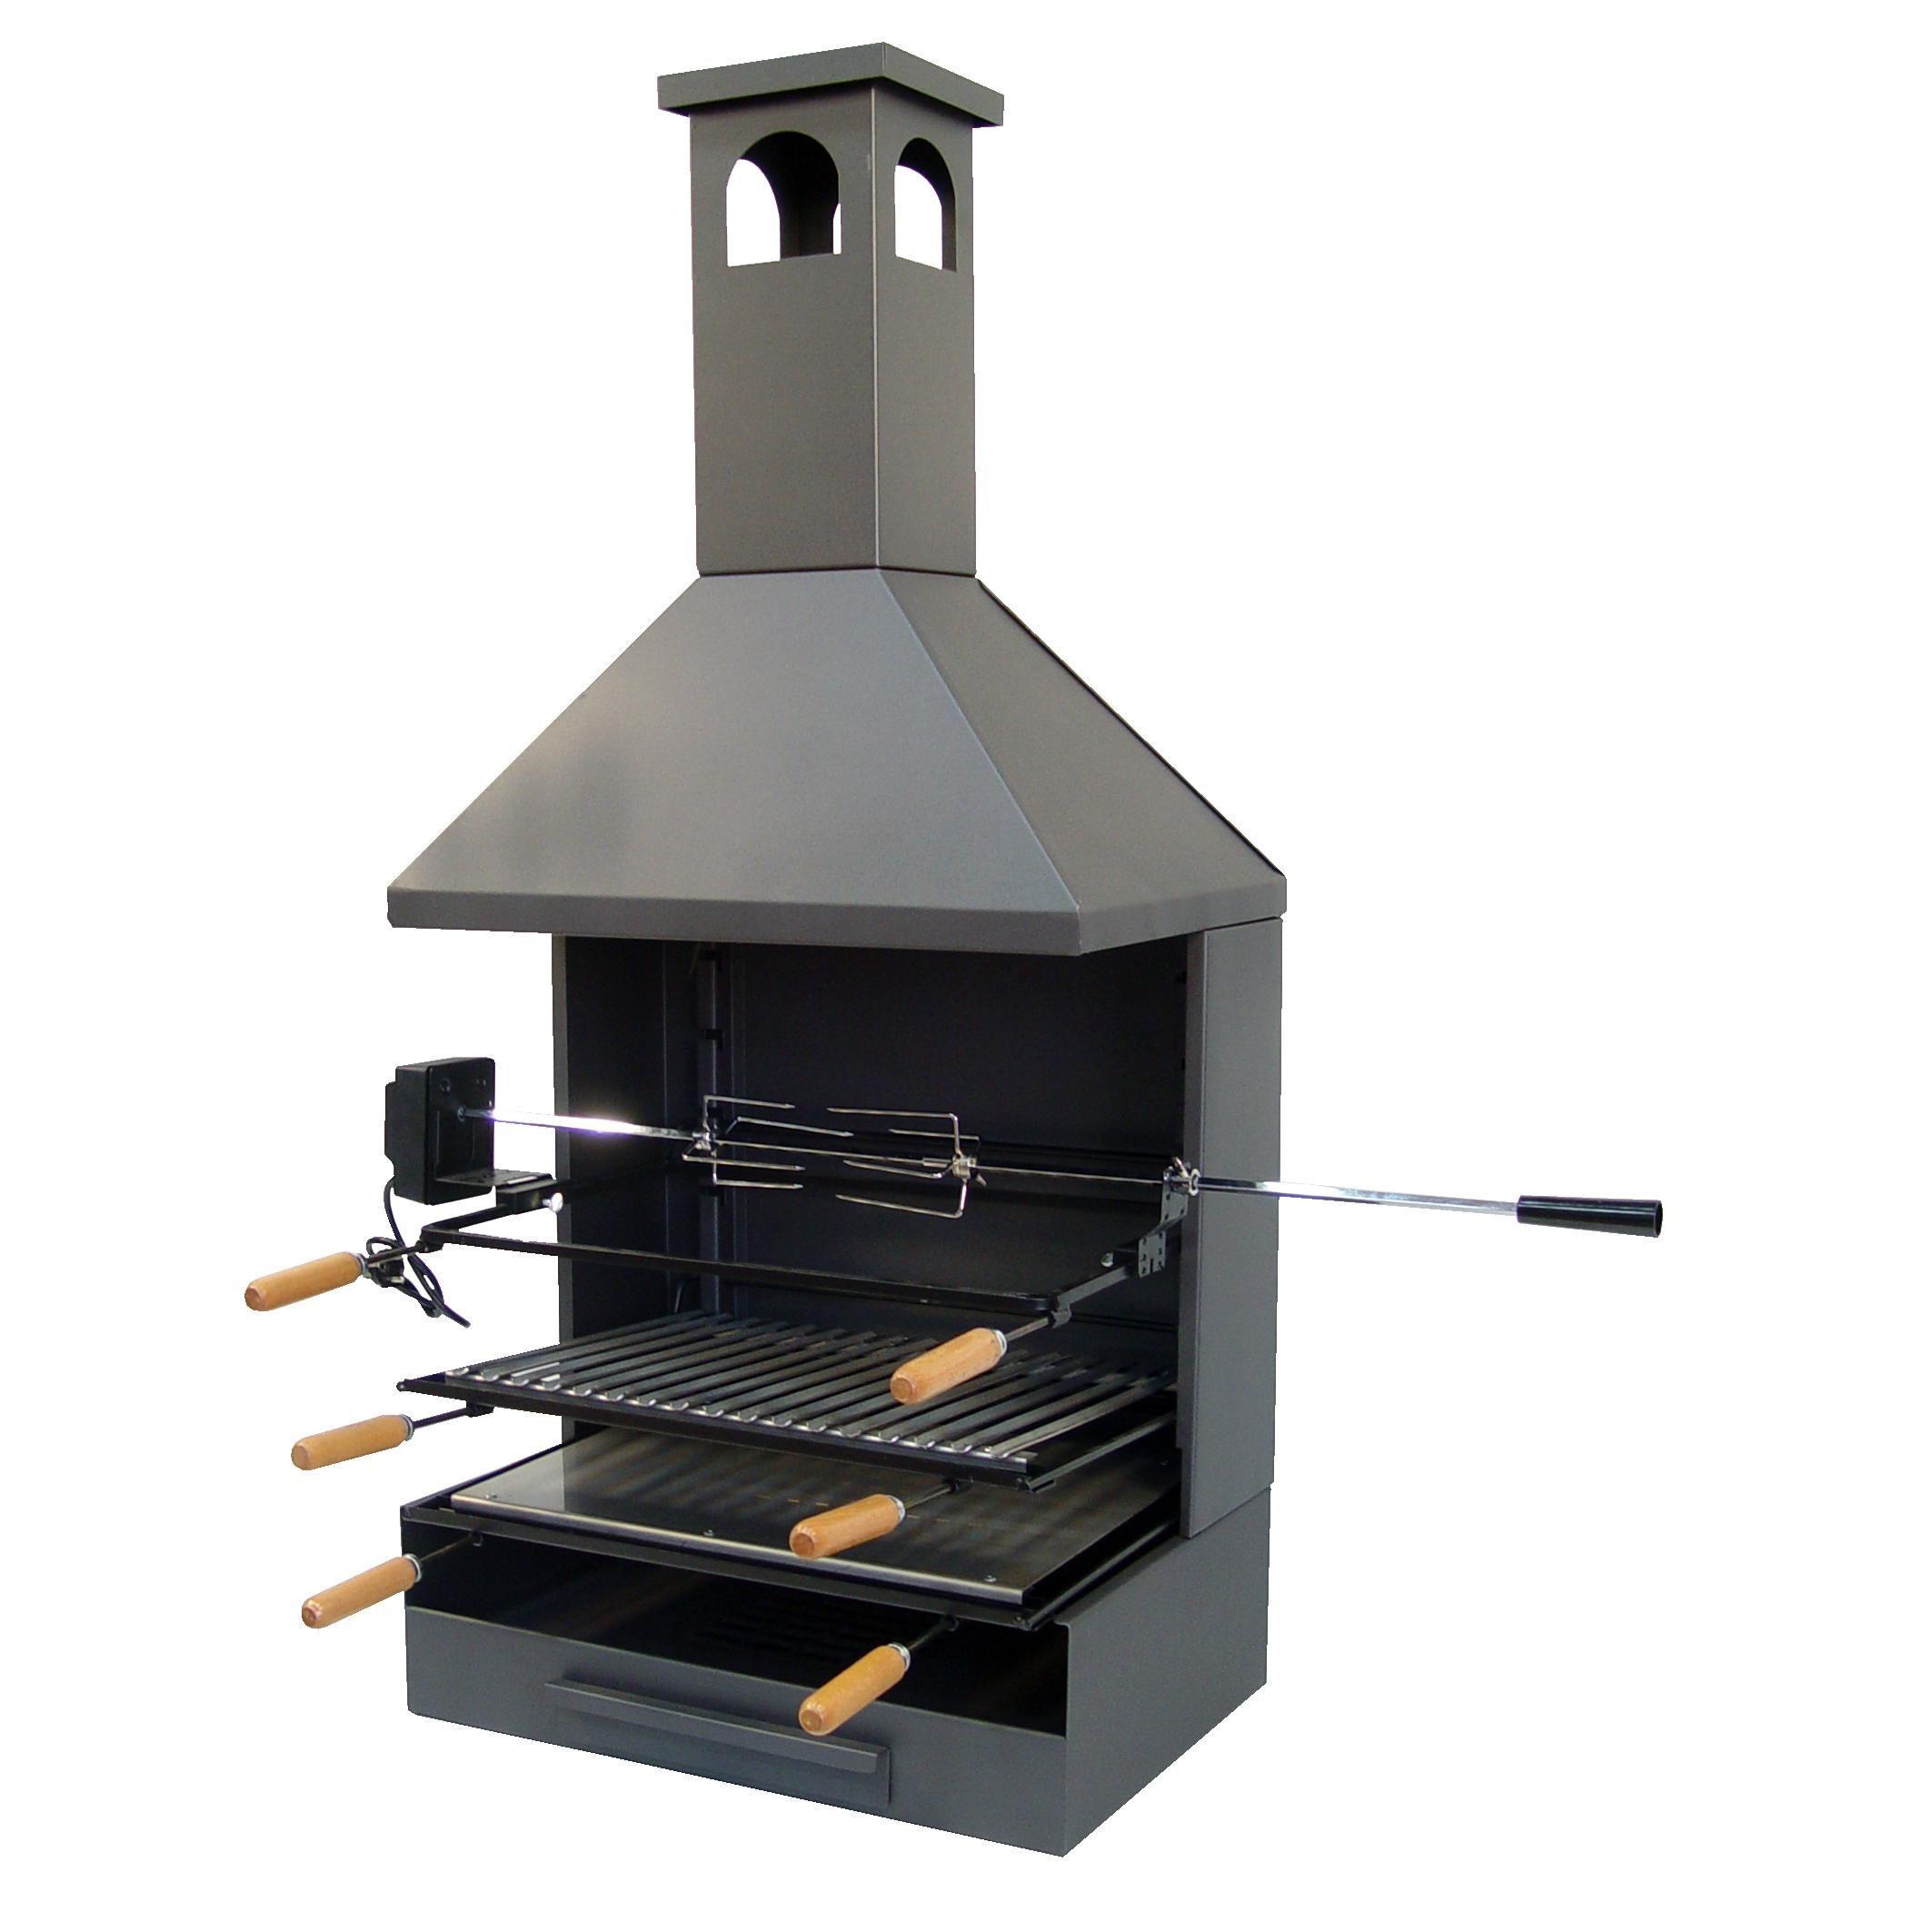 Les meilleures offres de Grilloirs Barbecue Vente en ligne